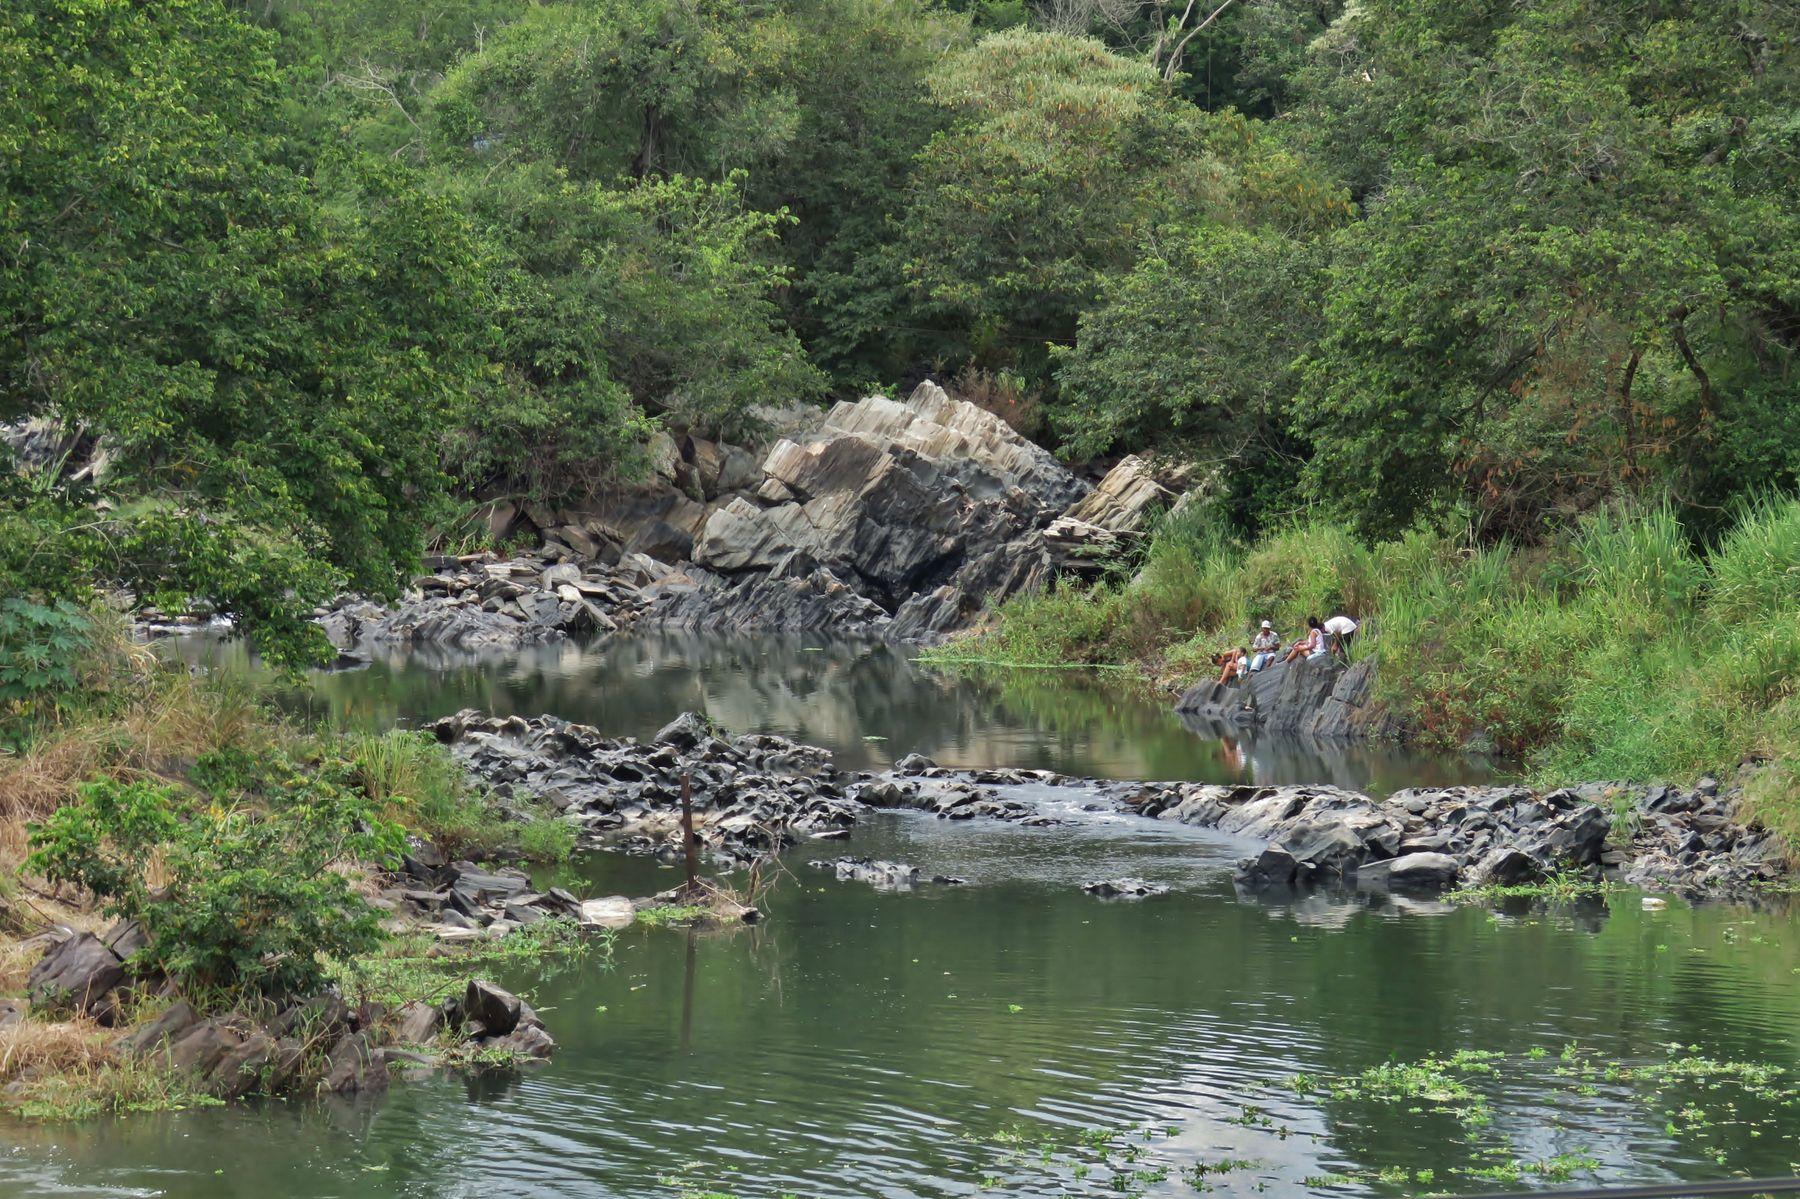 Река бразилия река brasil conceicao para conceição do pará minas gerais river